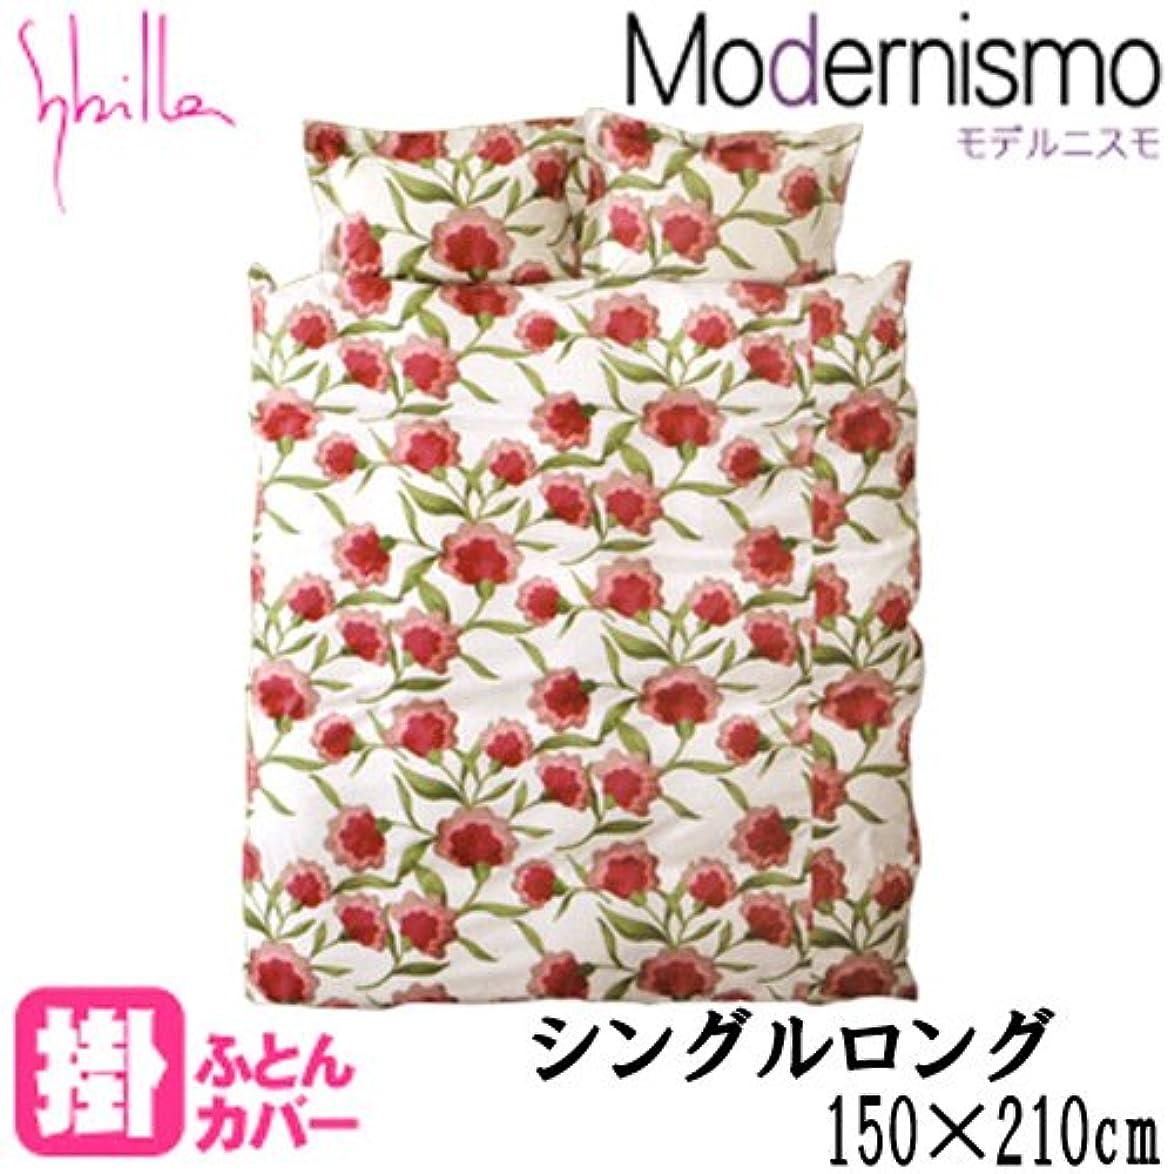 作るコア権限【 Sybilla 】 シビラ 『モデルニスモ』掛け 布団 カバー シングル 150cm × 210cm ピンク 日本製